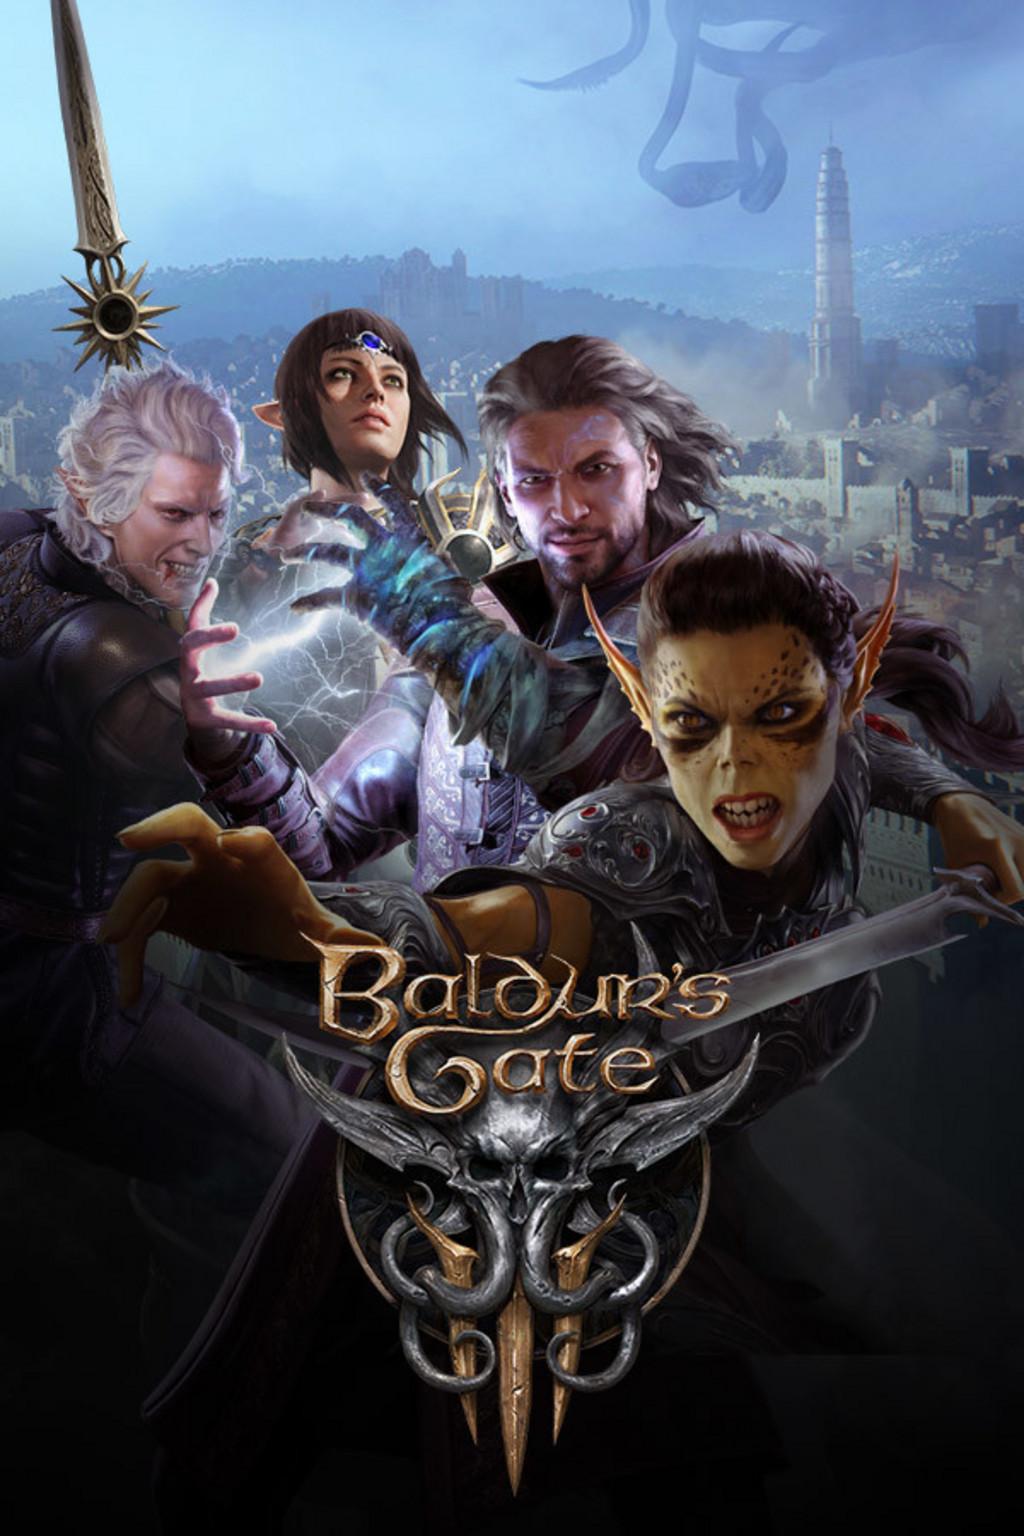 Download Baldurs Gate 3 v4.1.99.3036-GOG in PC [ Torrent ]